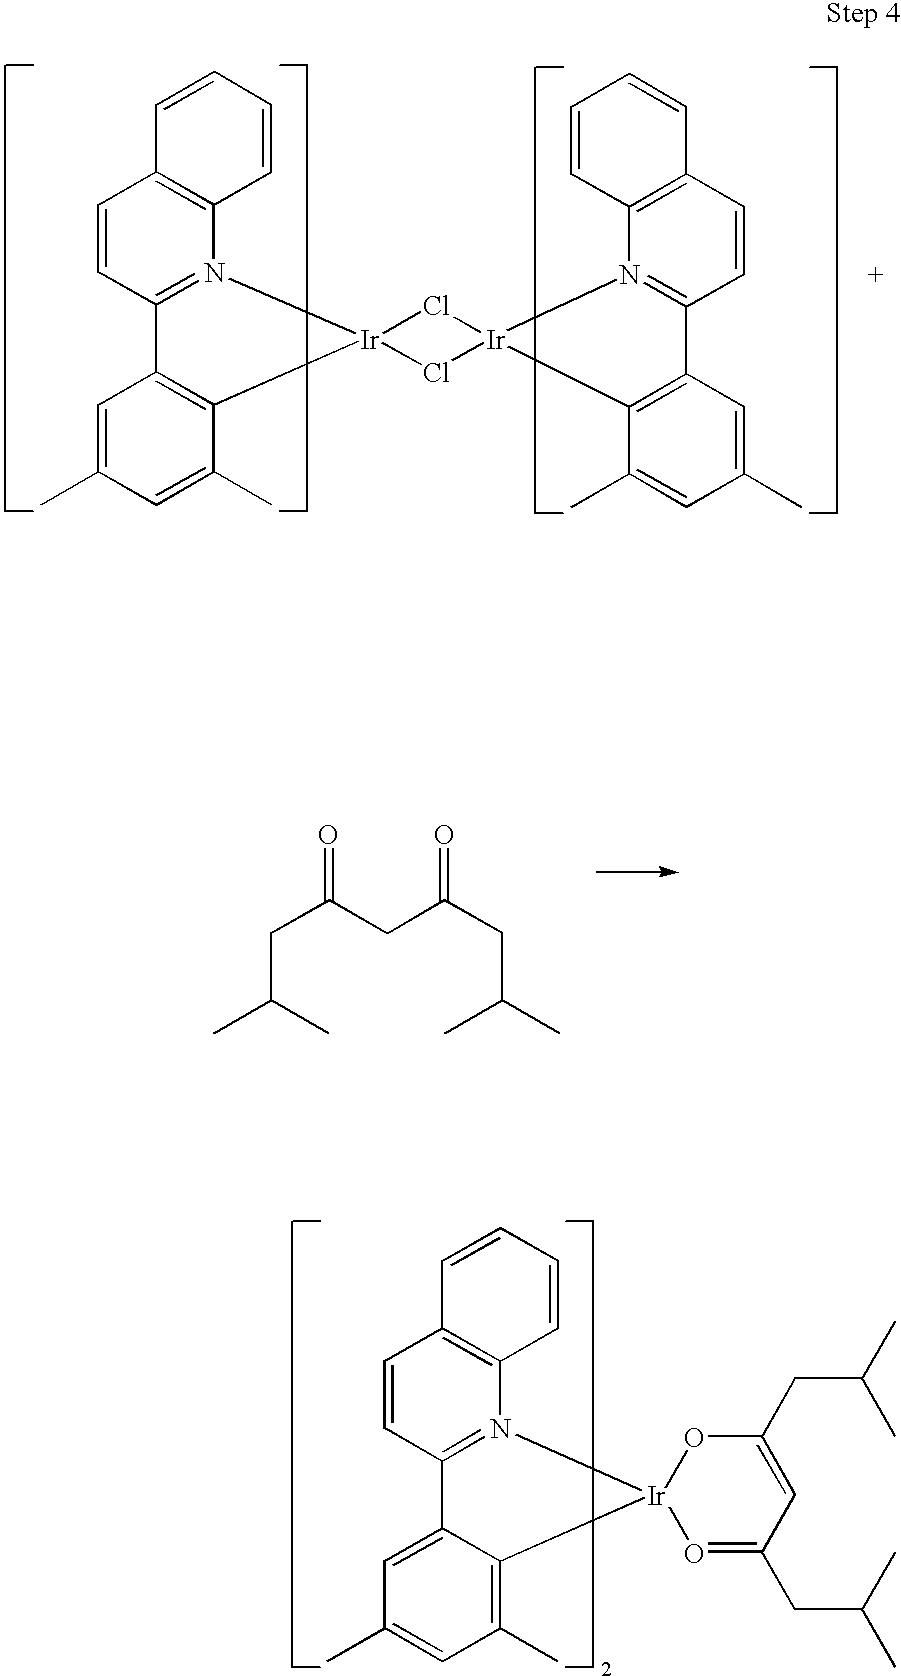 Figure US20100090591A1-20100415-C00145